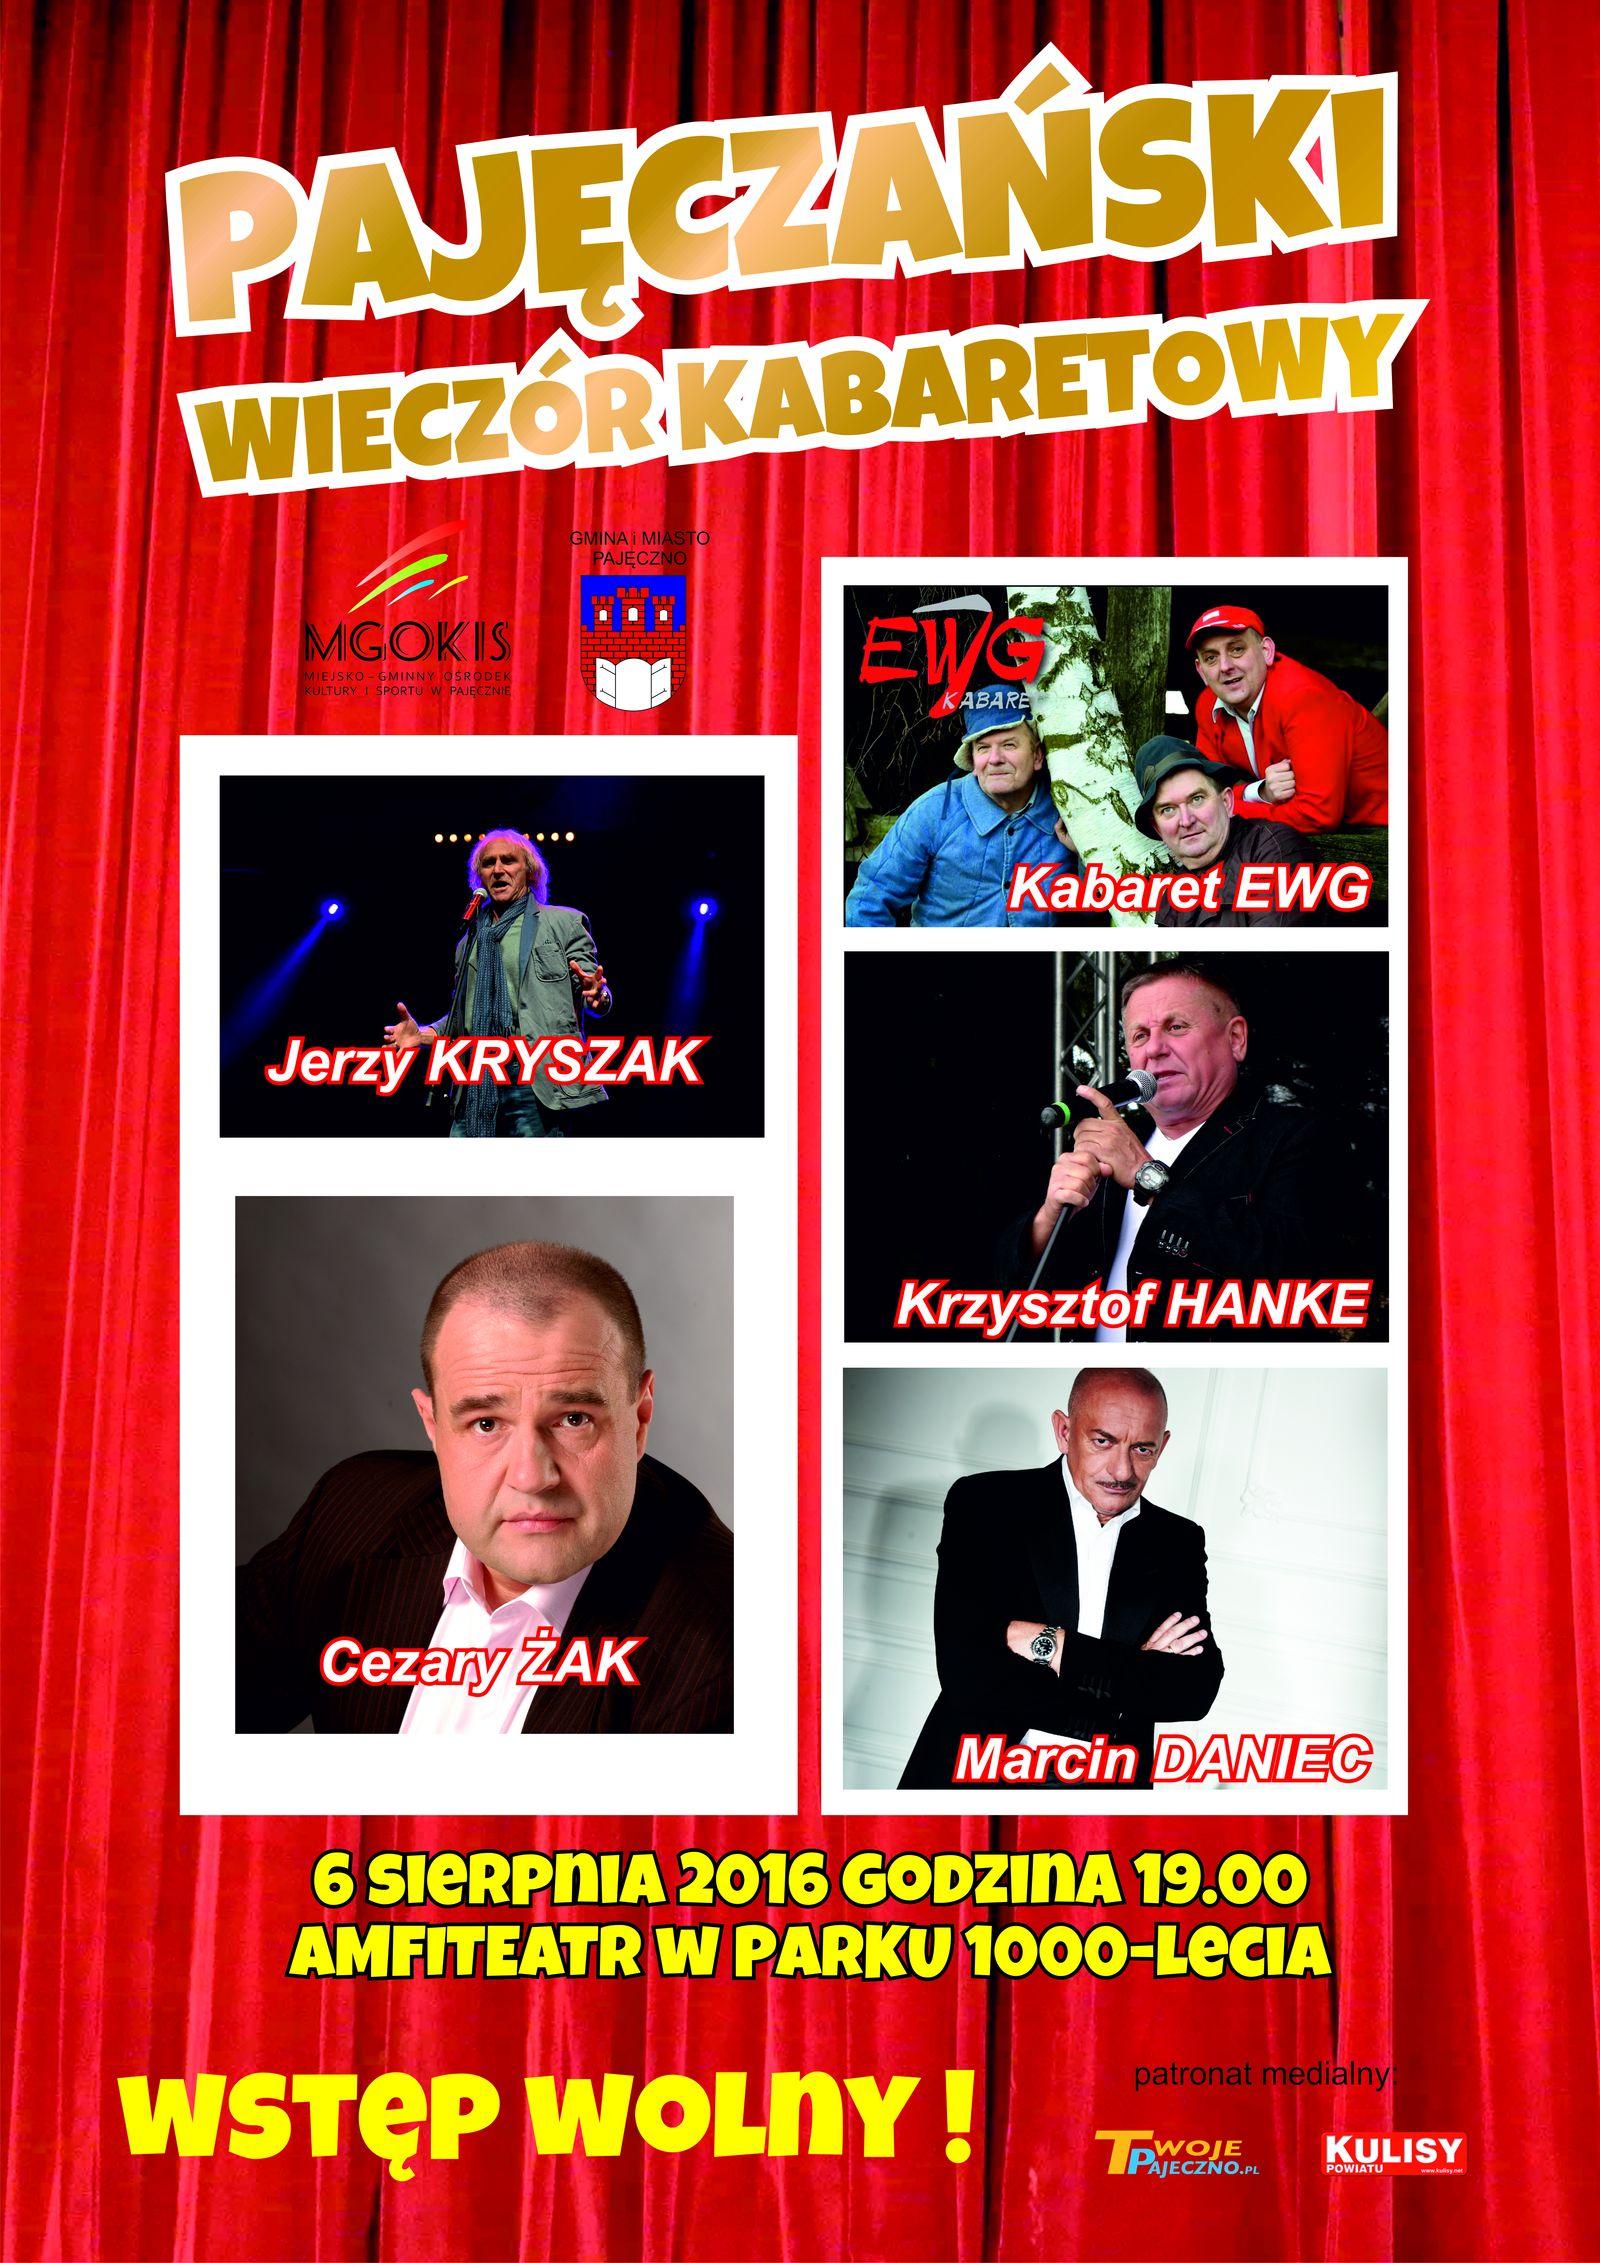 PWK 2016 poster